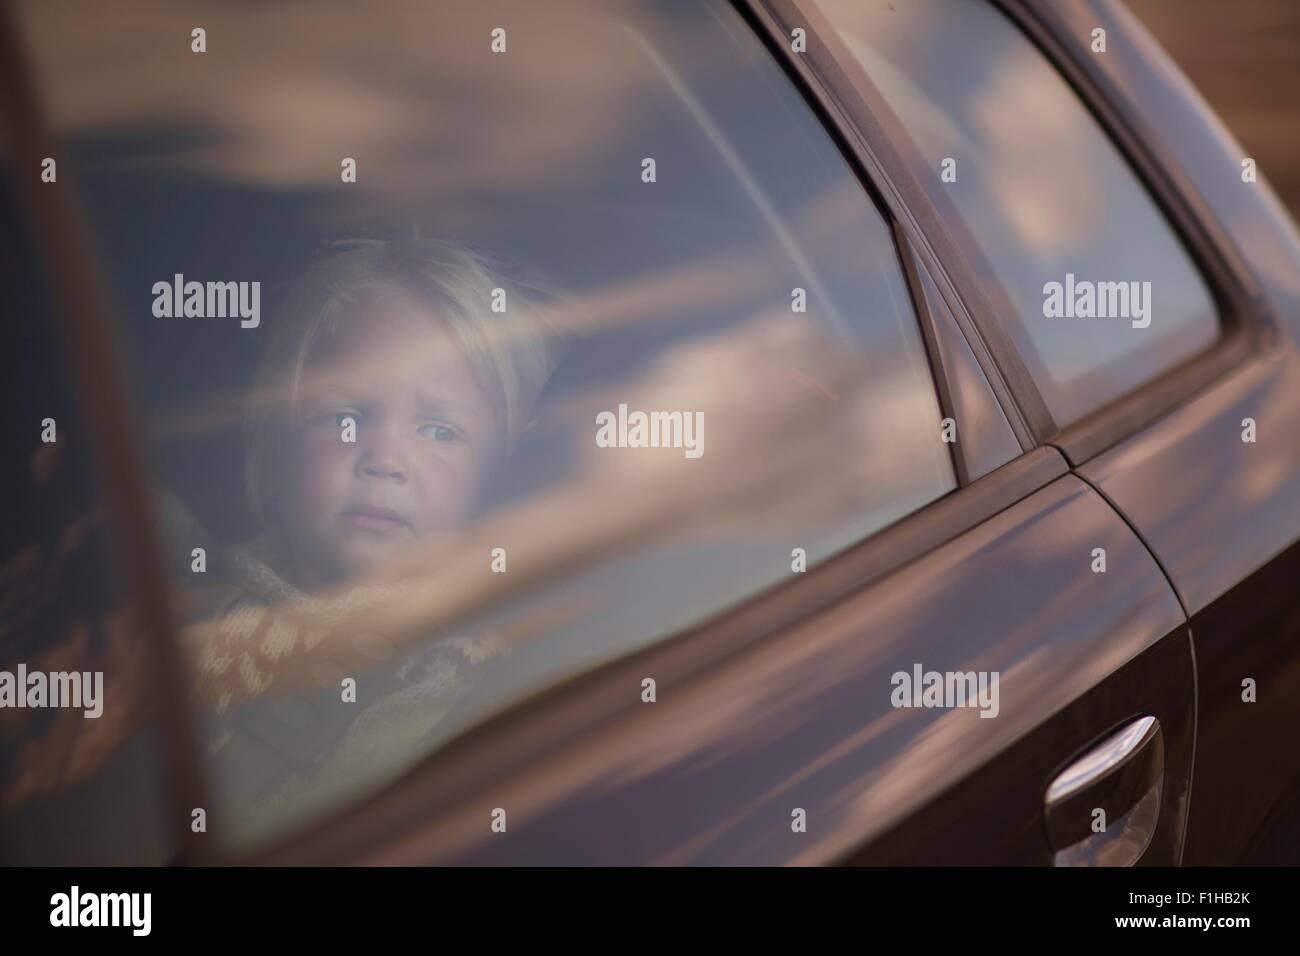 Ragazzo che guarda attraverso la finestra auto Immagini Stock